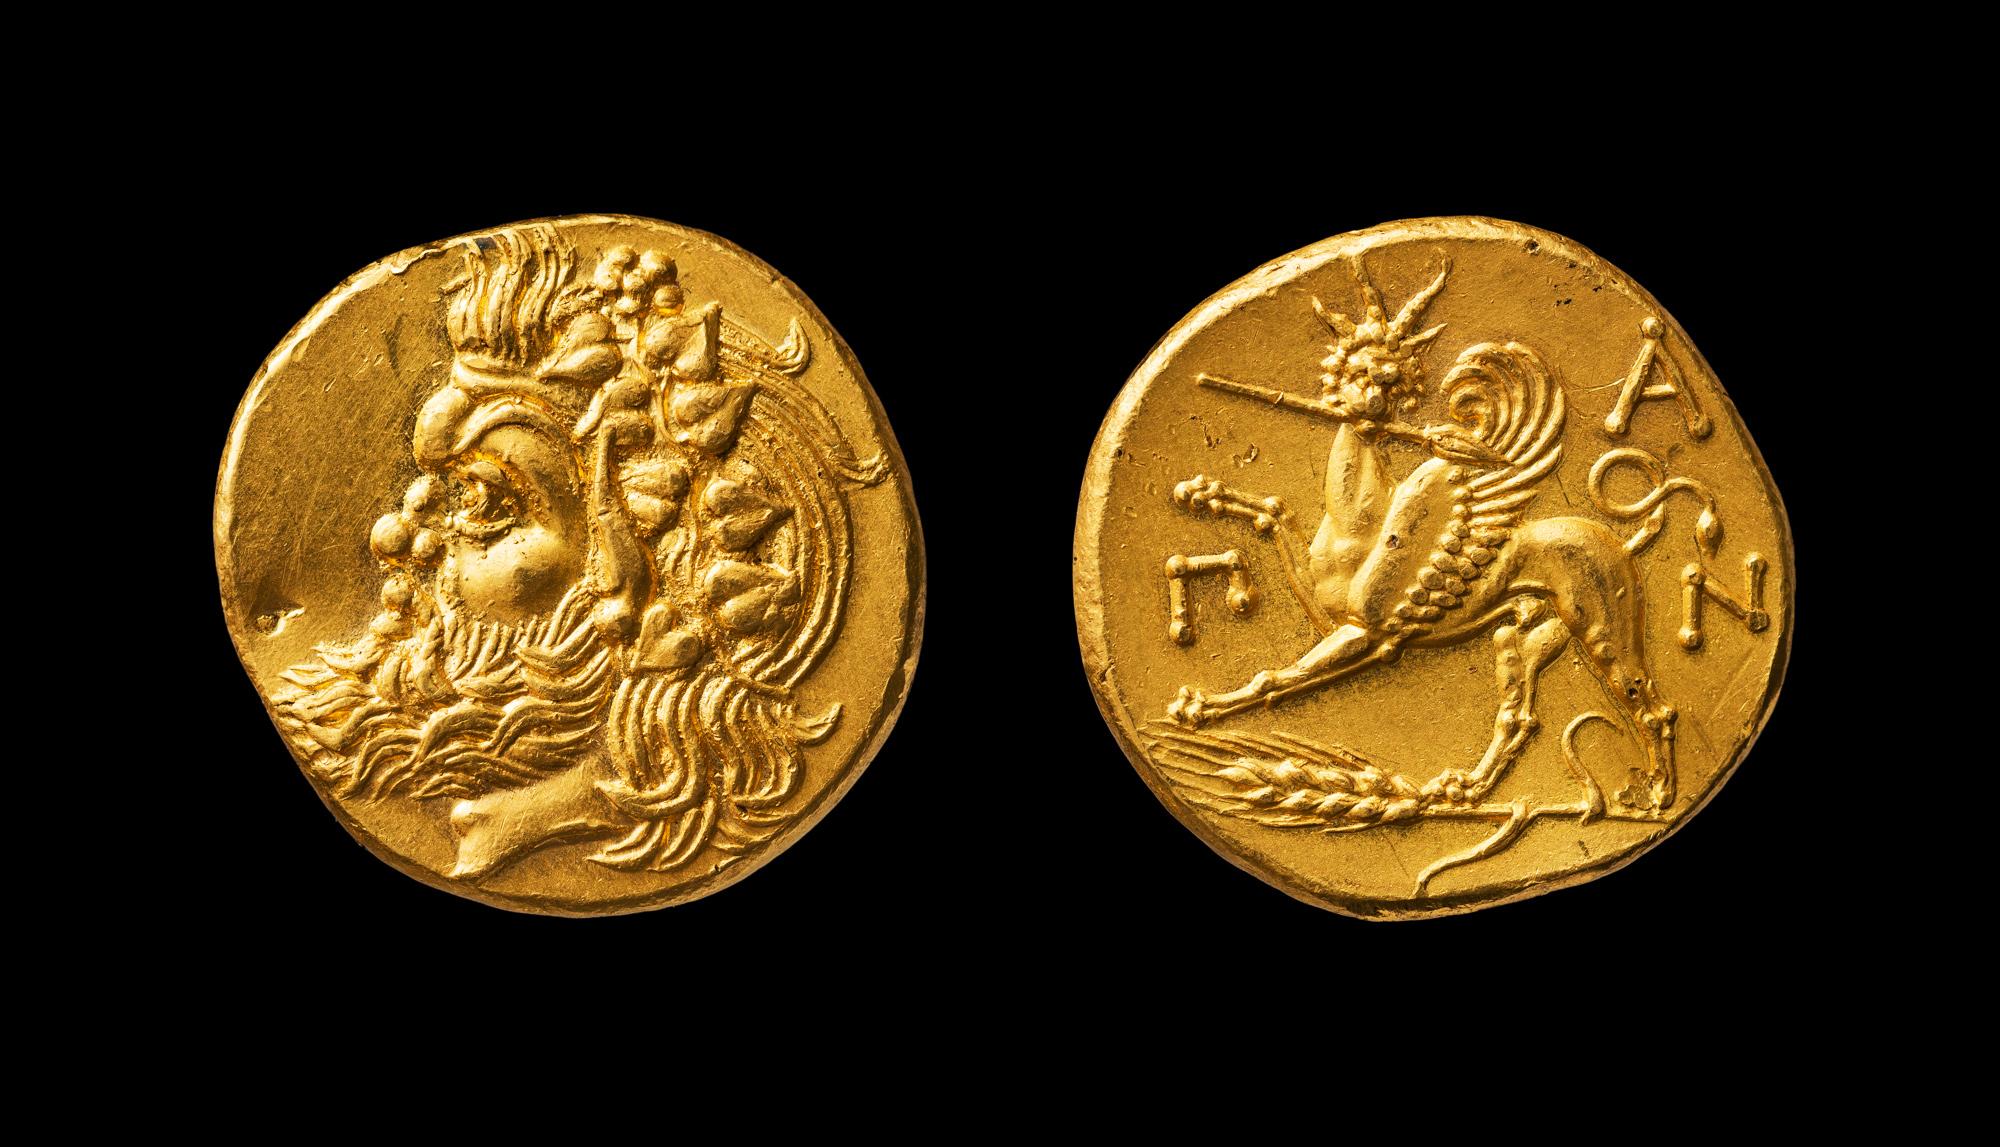 богача фото монет пантикапей золотые животное встретите